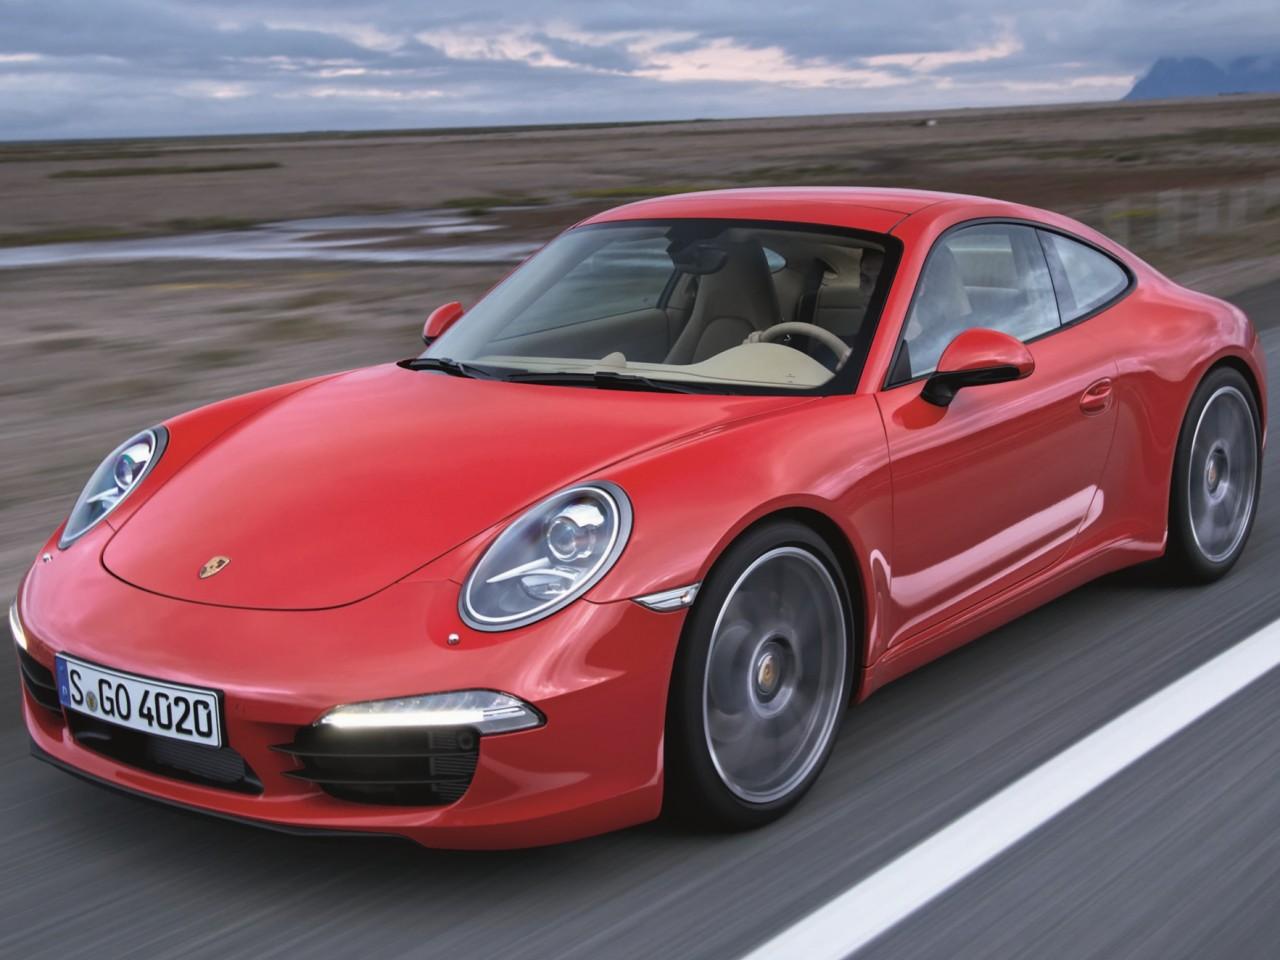 ポルシェ 911カレラ 2011年モデル 新車画像